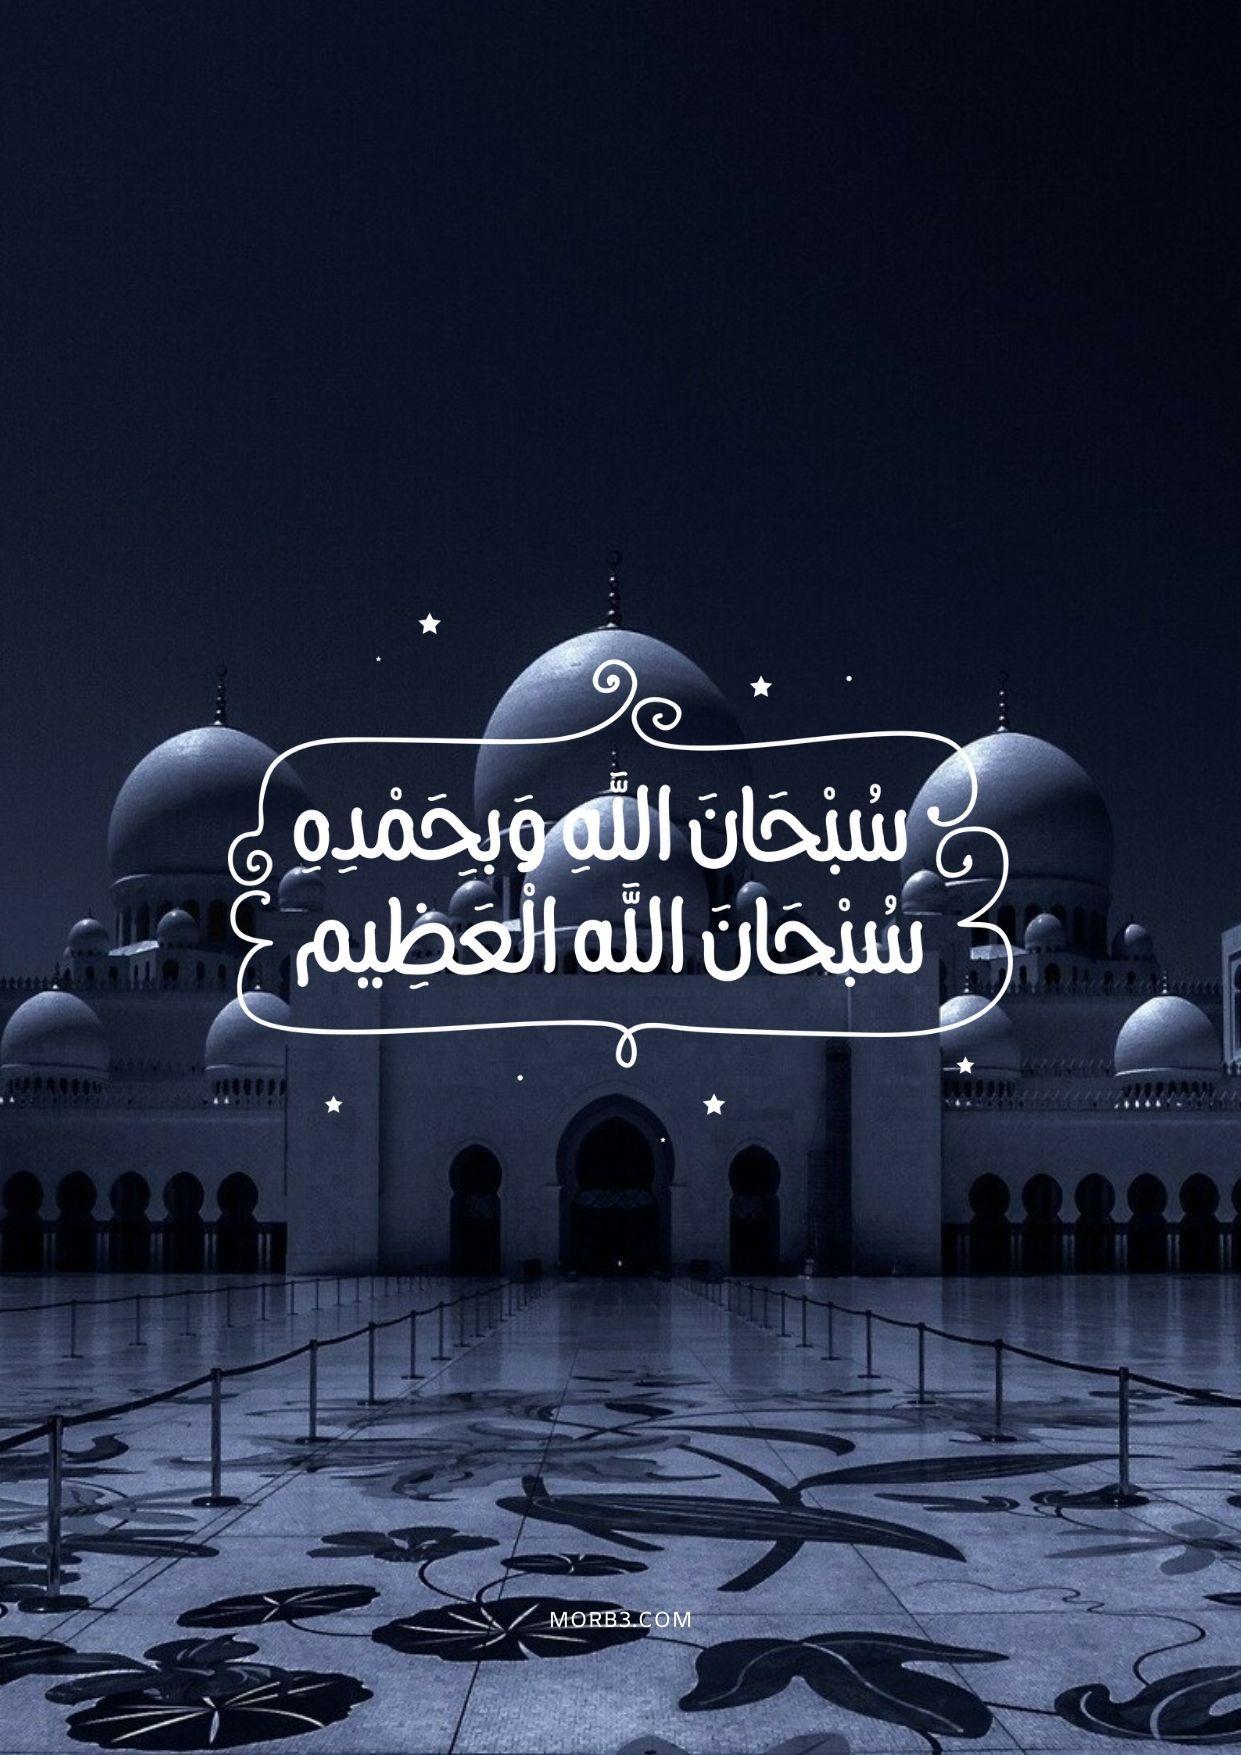 كلام جميل بحث Google Islamic Love Quotes Crewel Embroidery Arabic Quotes